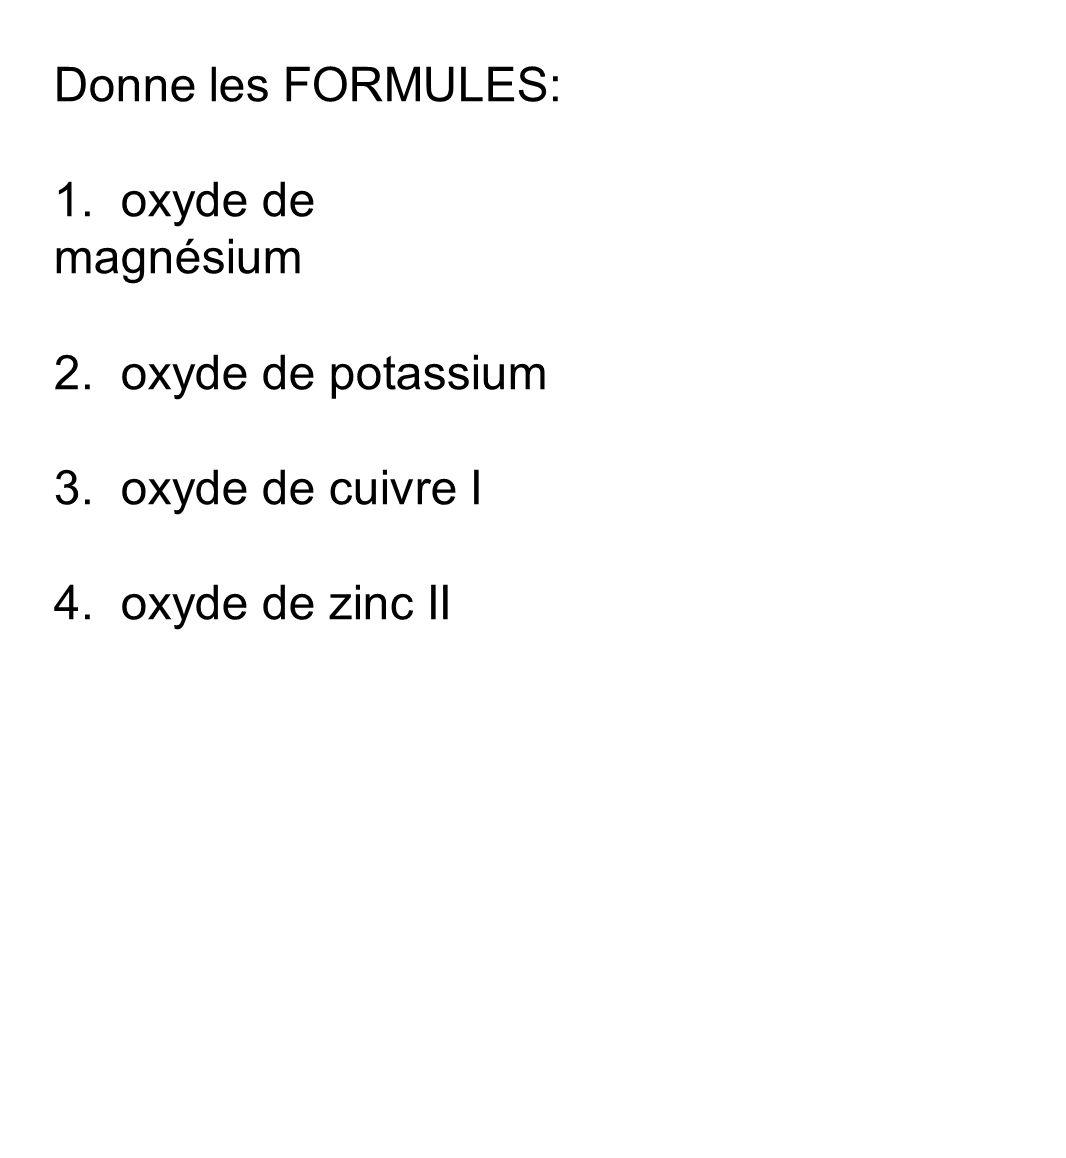 Donne les FORMULES: 1. oxyde de magnésium. 2. oxyde de potassium.